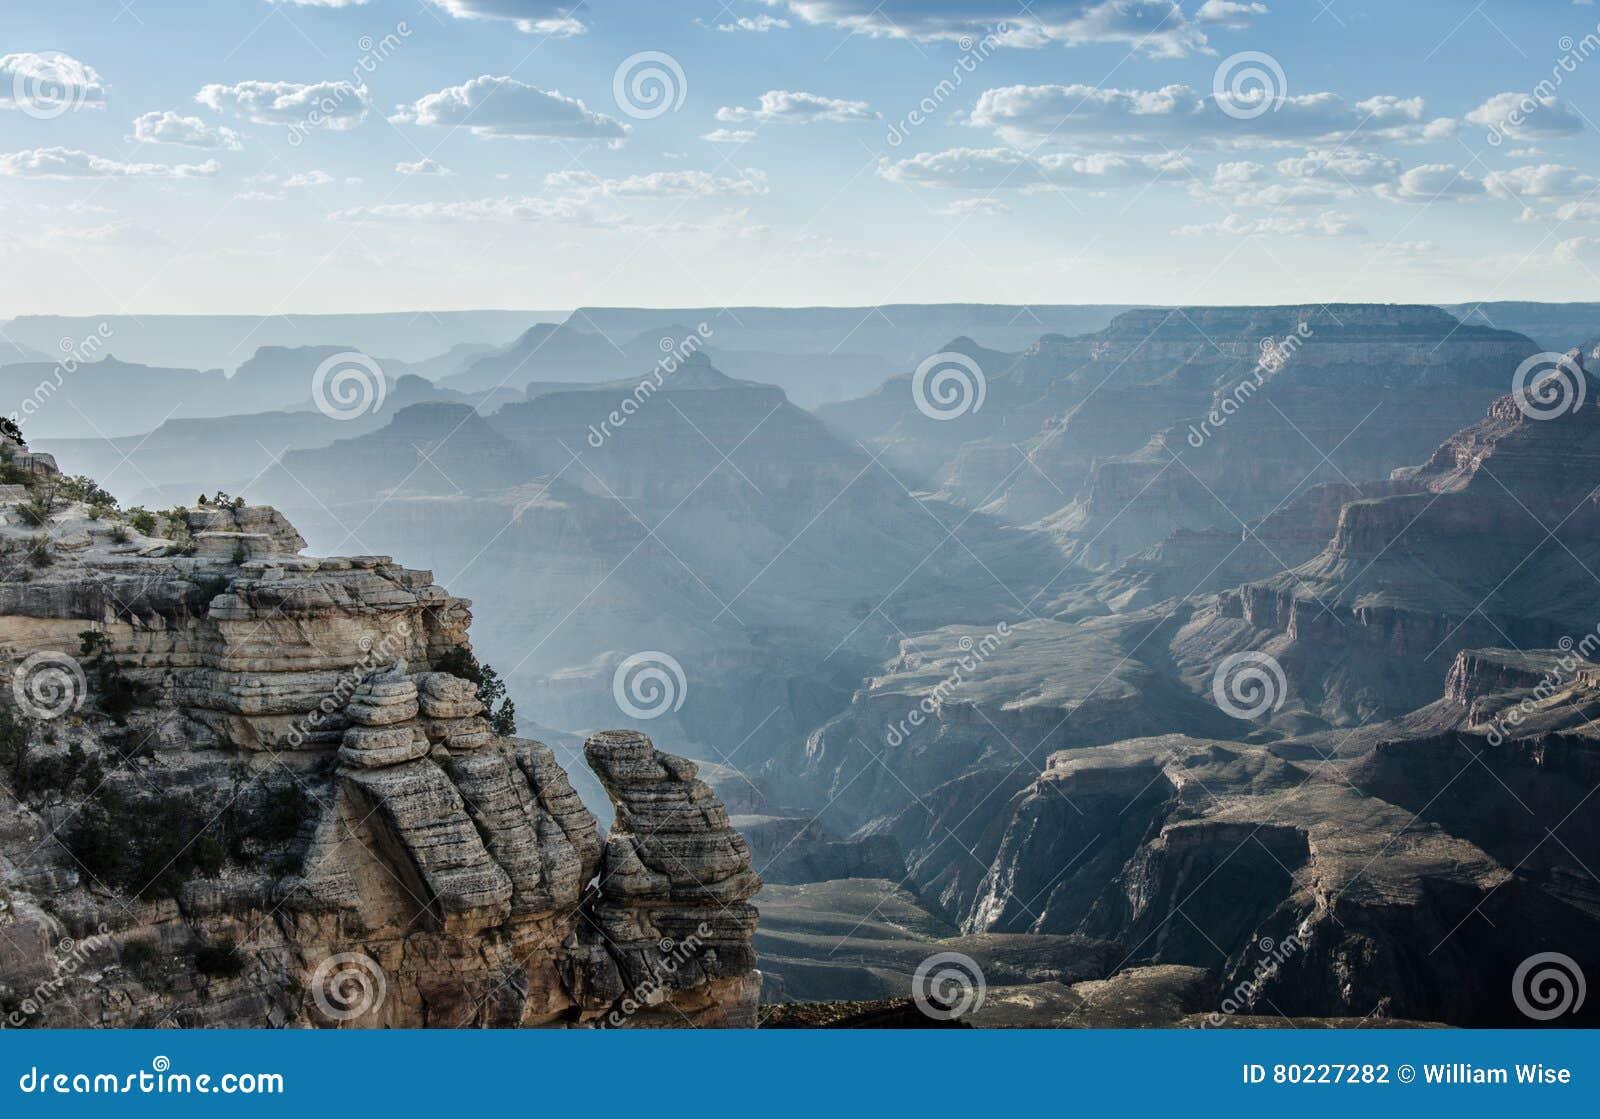 Zonbereik Mather Point, Grand Canyon